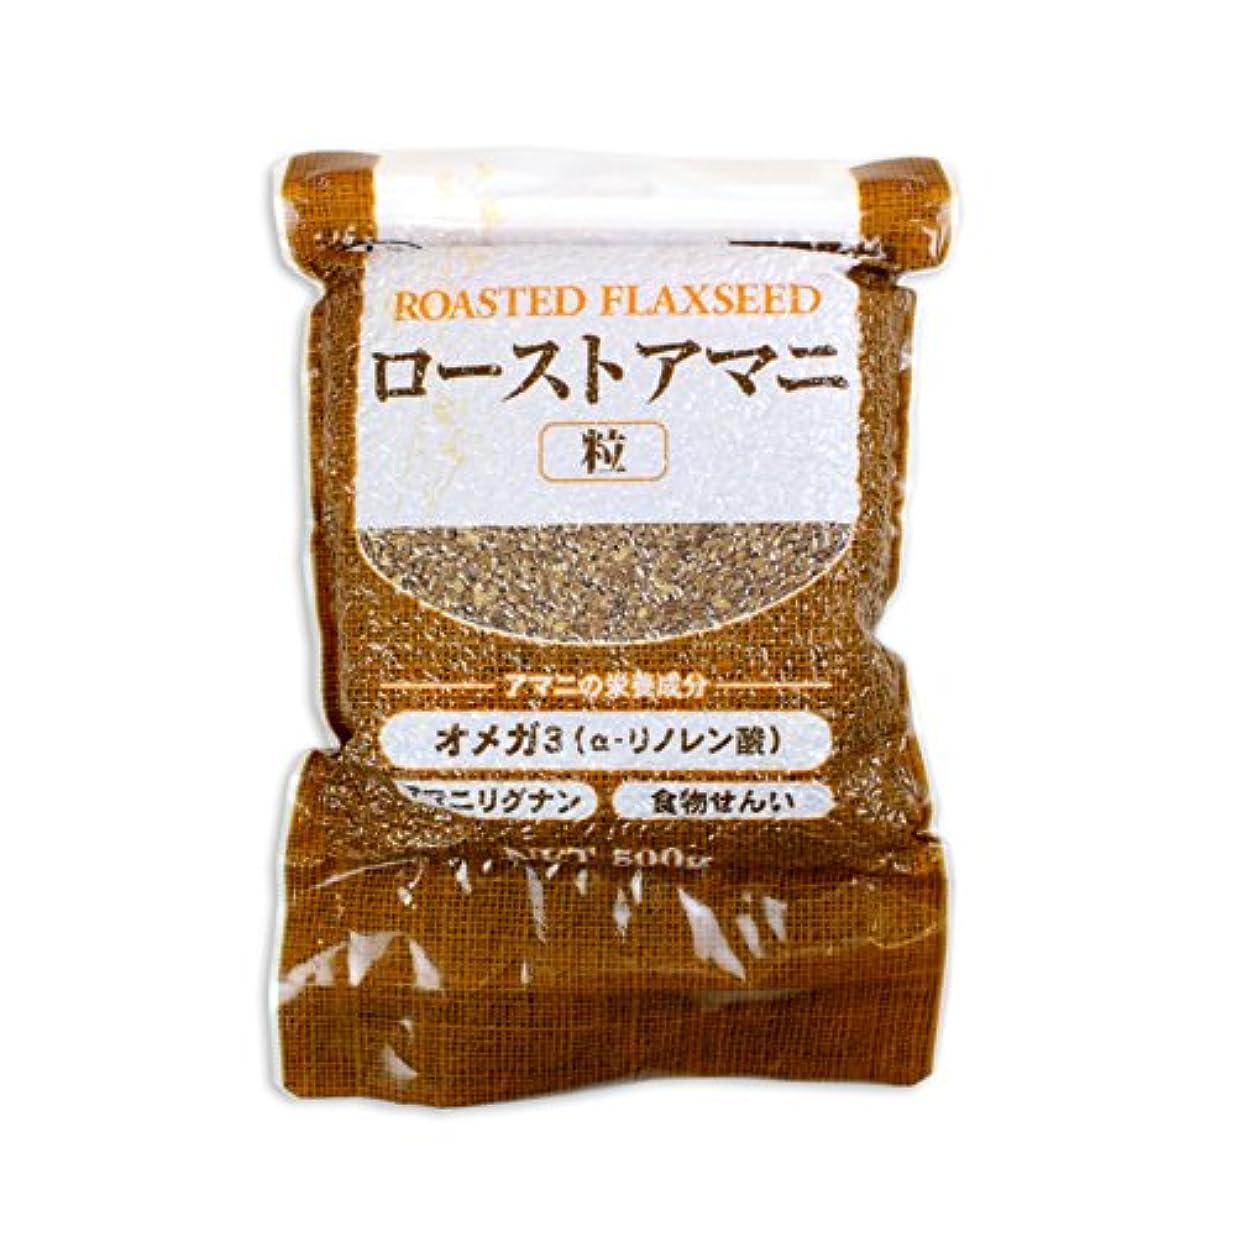 ラフト生番号ローストアマニ 粒 日本製粉 500g